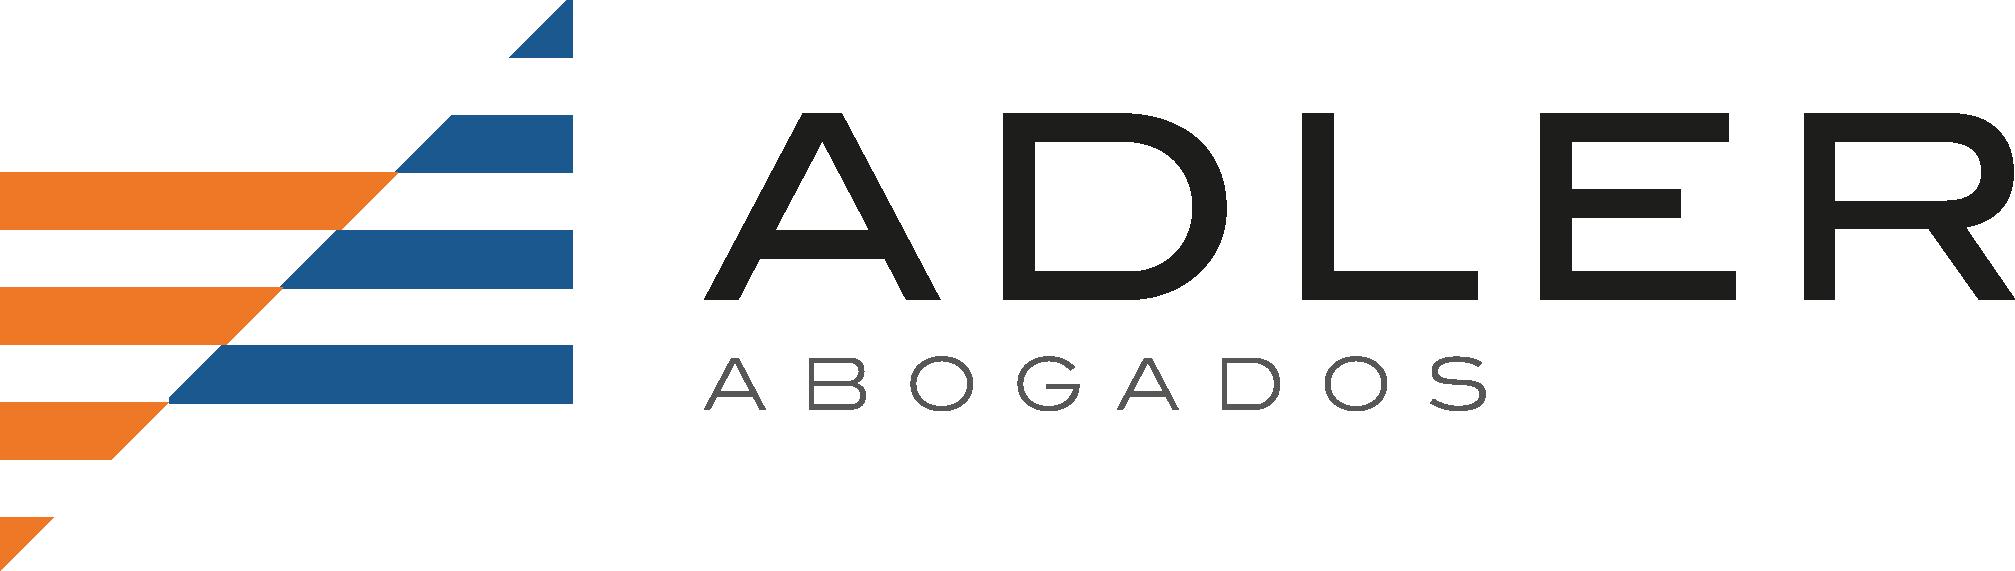 Adler abogados logotipo